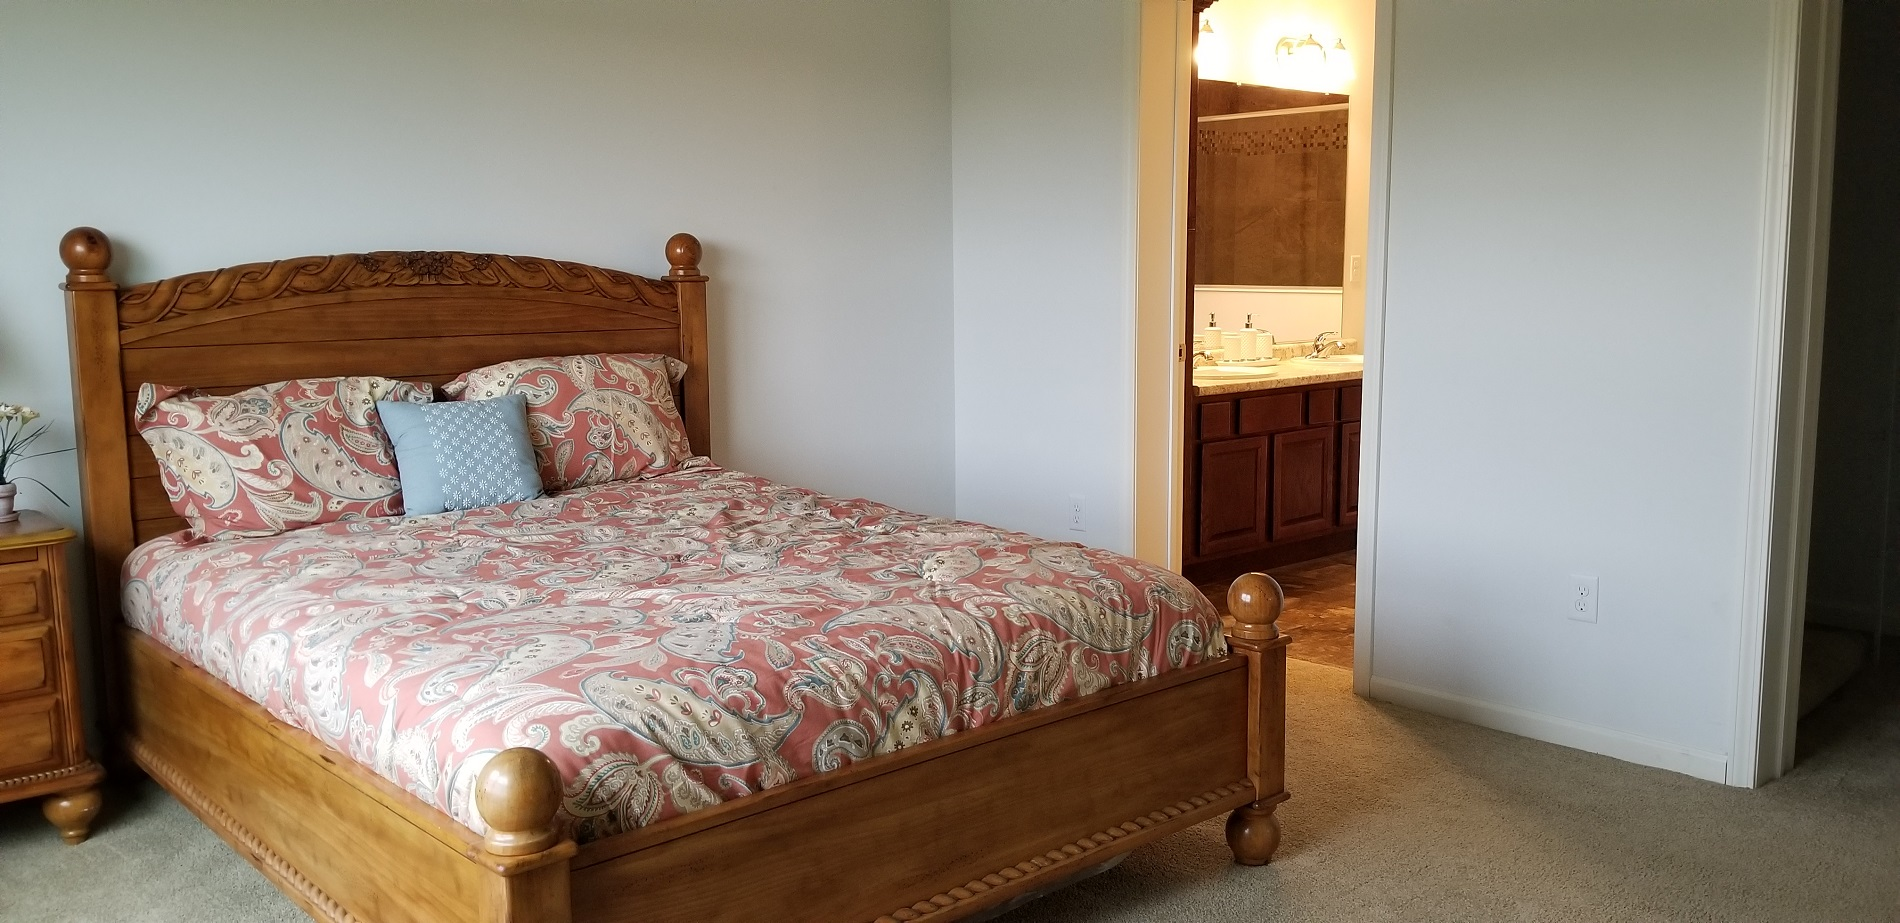 Unibilt Kenwood Jackson Master Bed